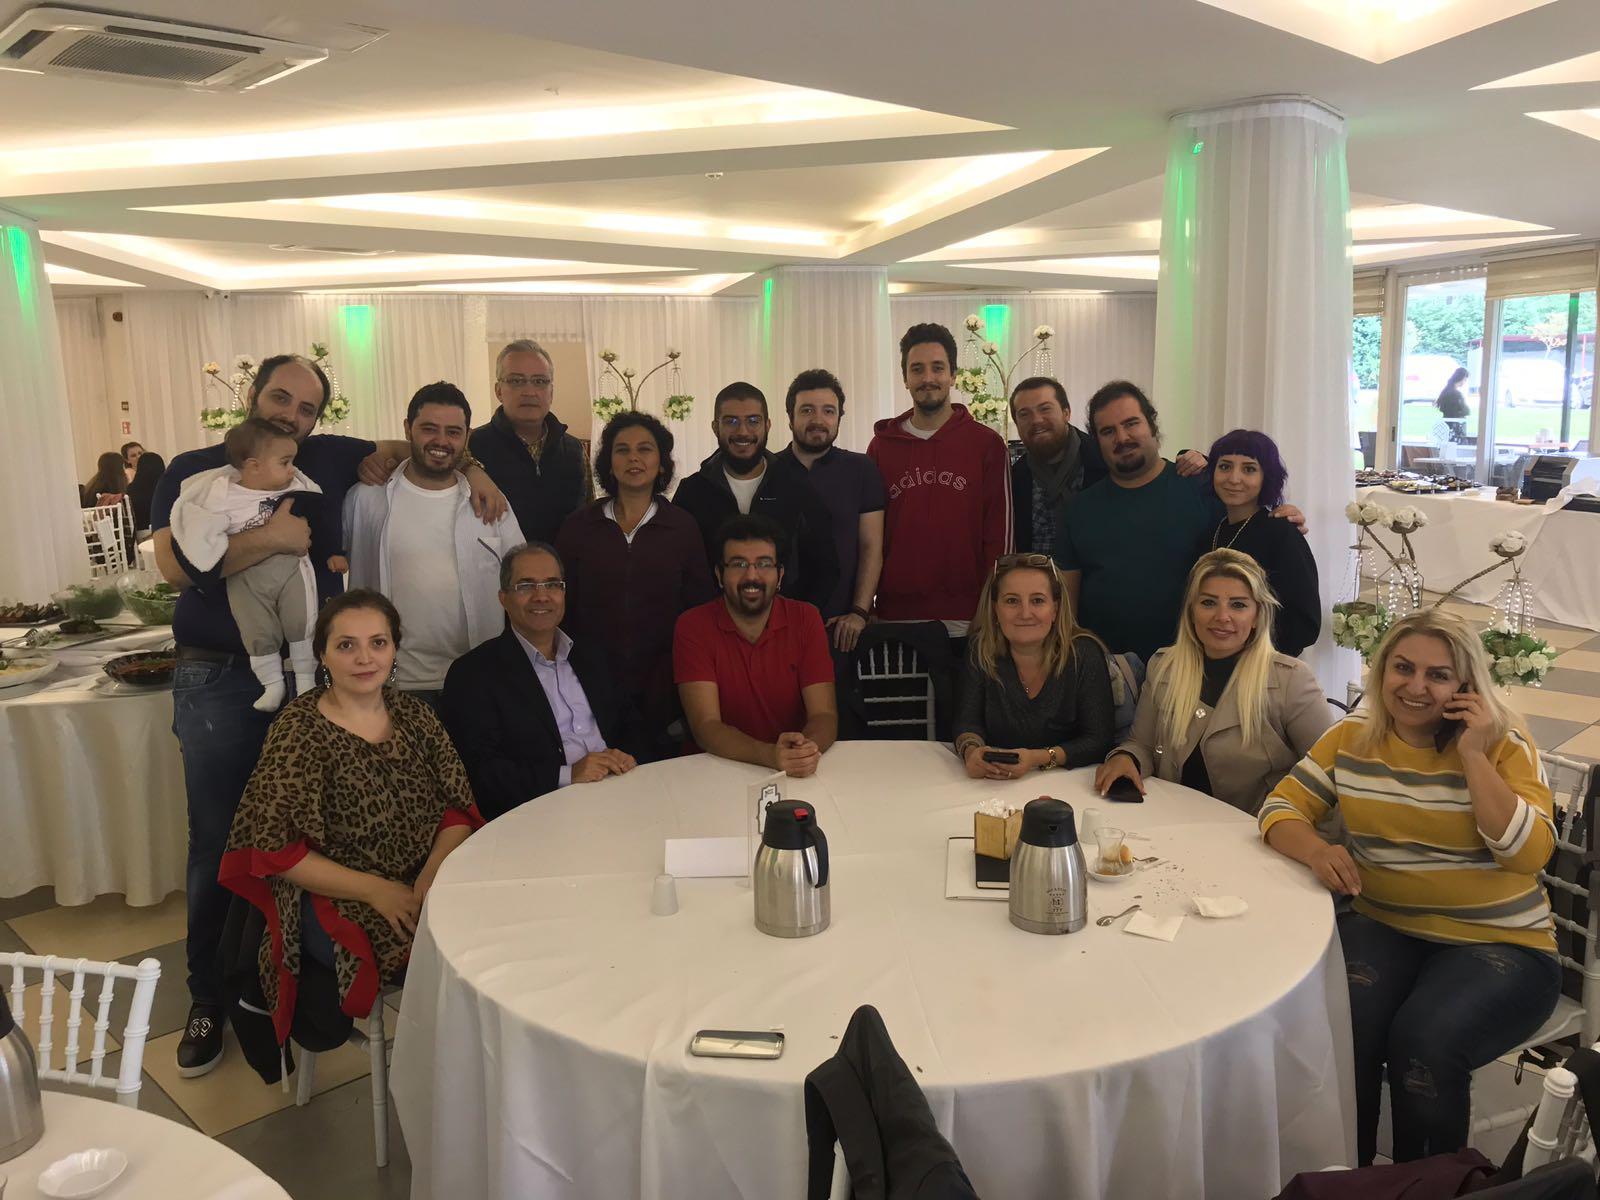 01.10.2017 / Bakırköy RAC & Bakırköy Rotary Kulübü Ortak Ocakbaşı